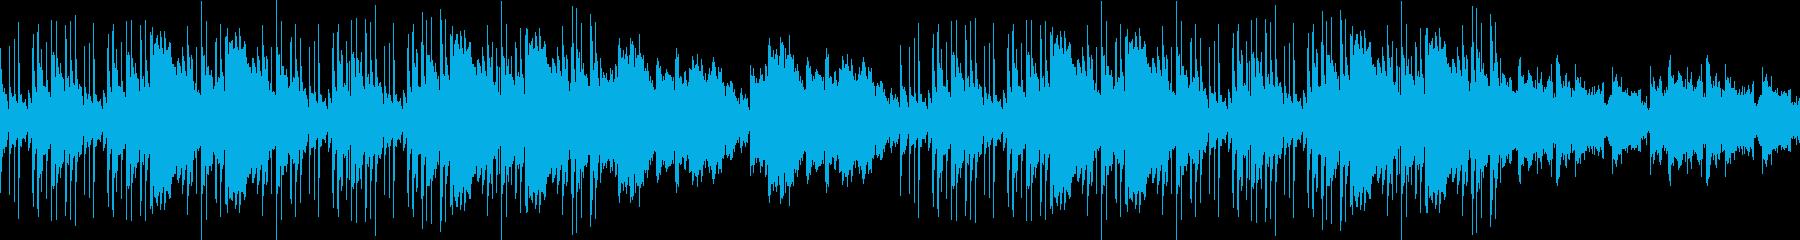 かっこいい・バンド・ループジンクの再生済みの波形